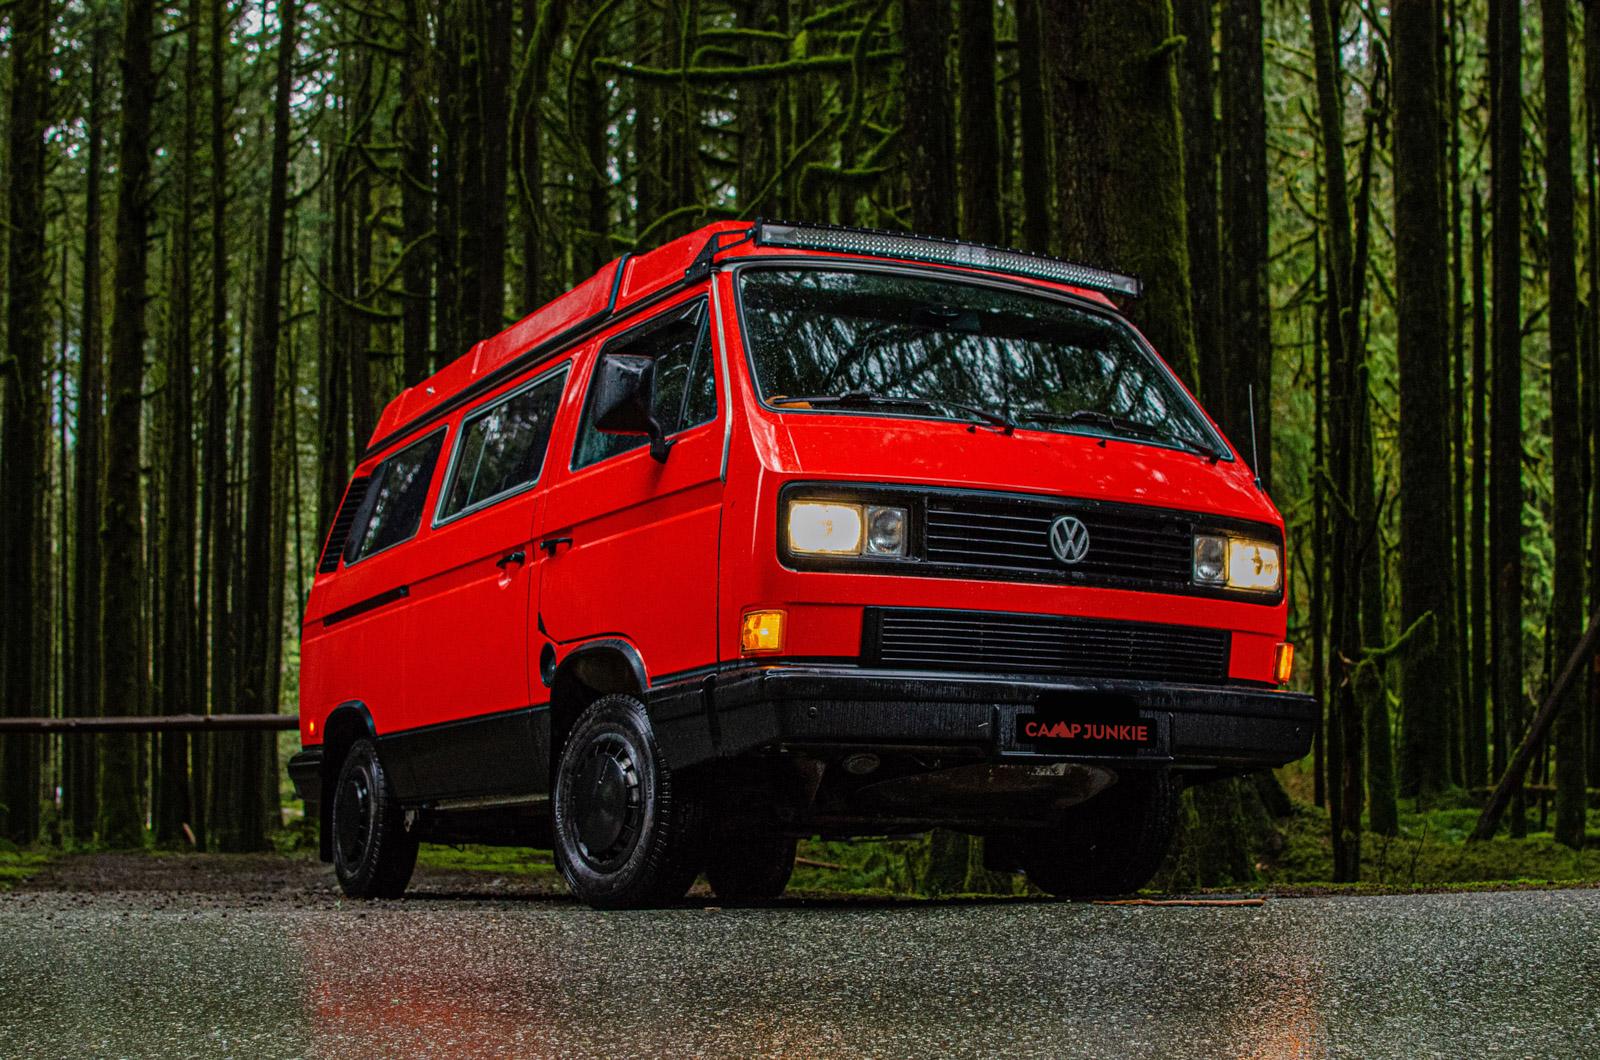 Camp Junkie Volkswagen